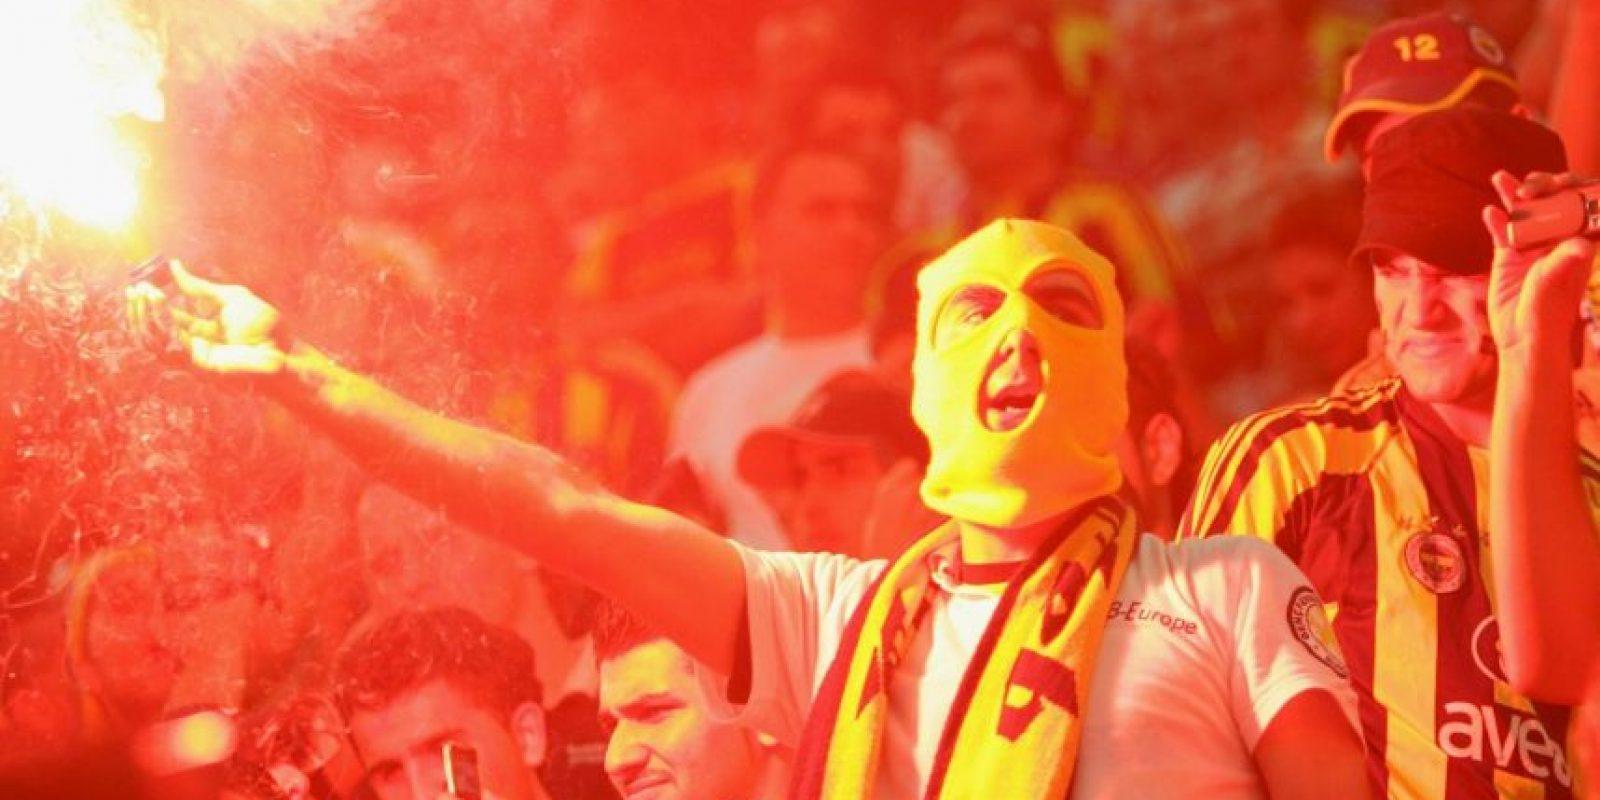 Foto:Las hinchadas turcas no podían faltar en este listado. Las hinchadas de los dos equipos más grandes del fútbol turco son reconocidas por crear un verdadero infierno en su estadio cada vez que juegan, demostrando su gusto por las bengalas. Incluso, en 2010, los hinchas de Fenerbahce incendiaron su estadio por un error de la megafonía que los había proclamado como campeones sin que lo fueran.